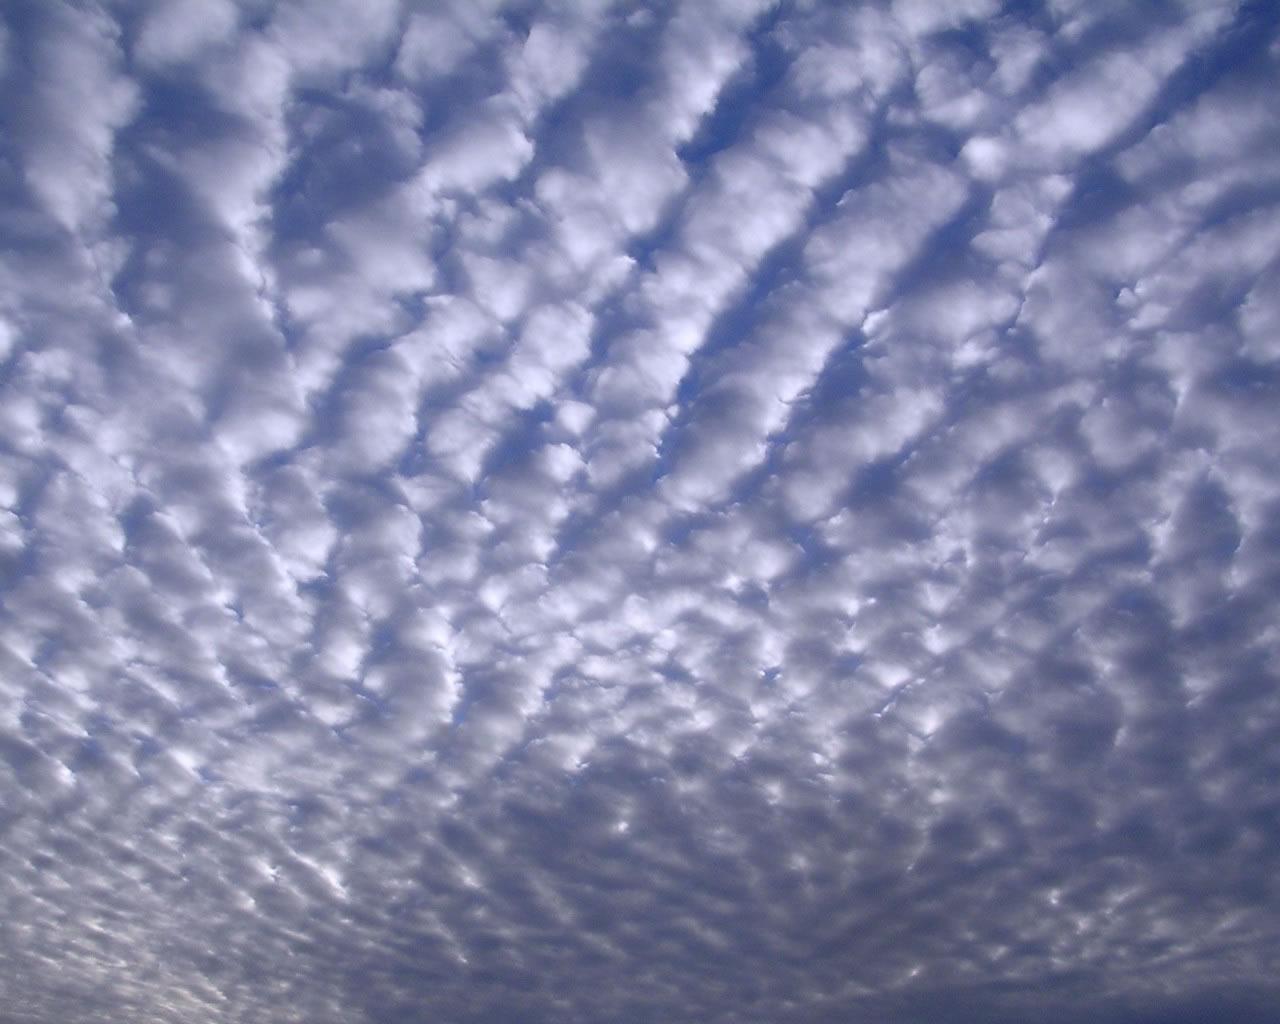 548-nuage-viaa